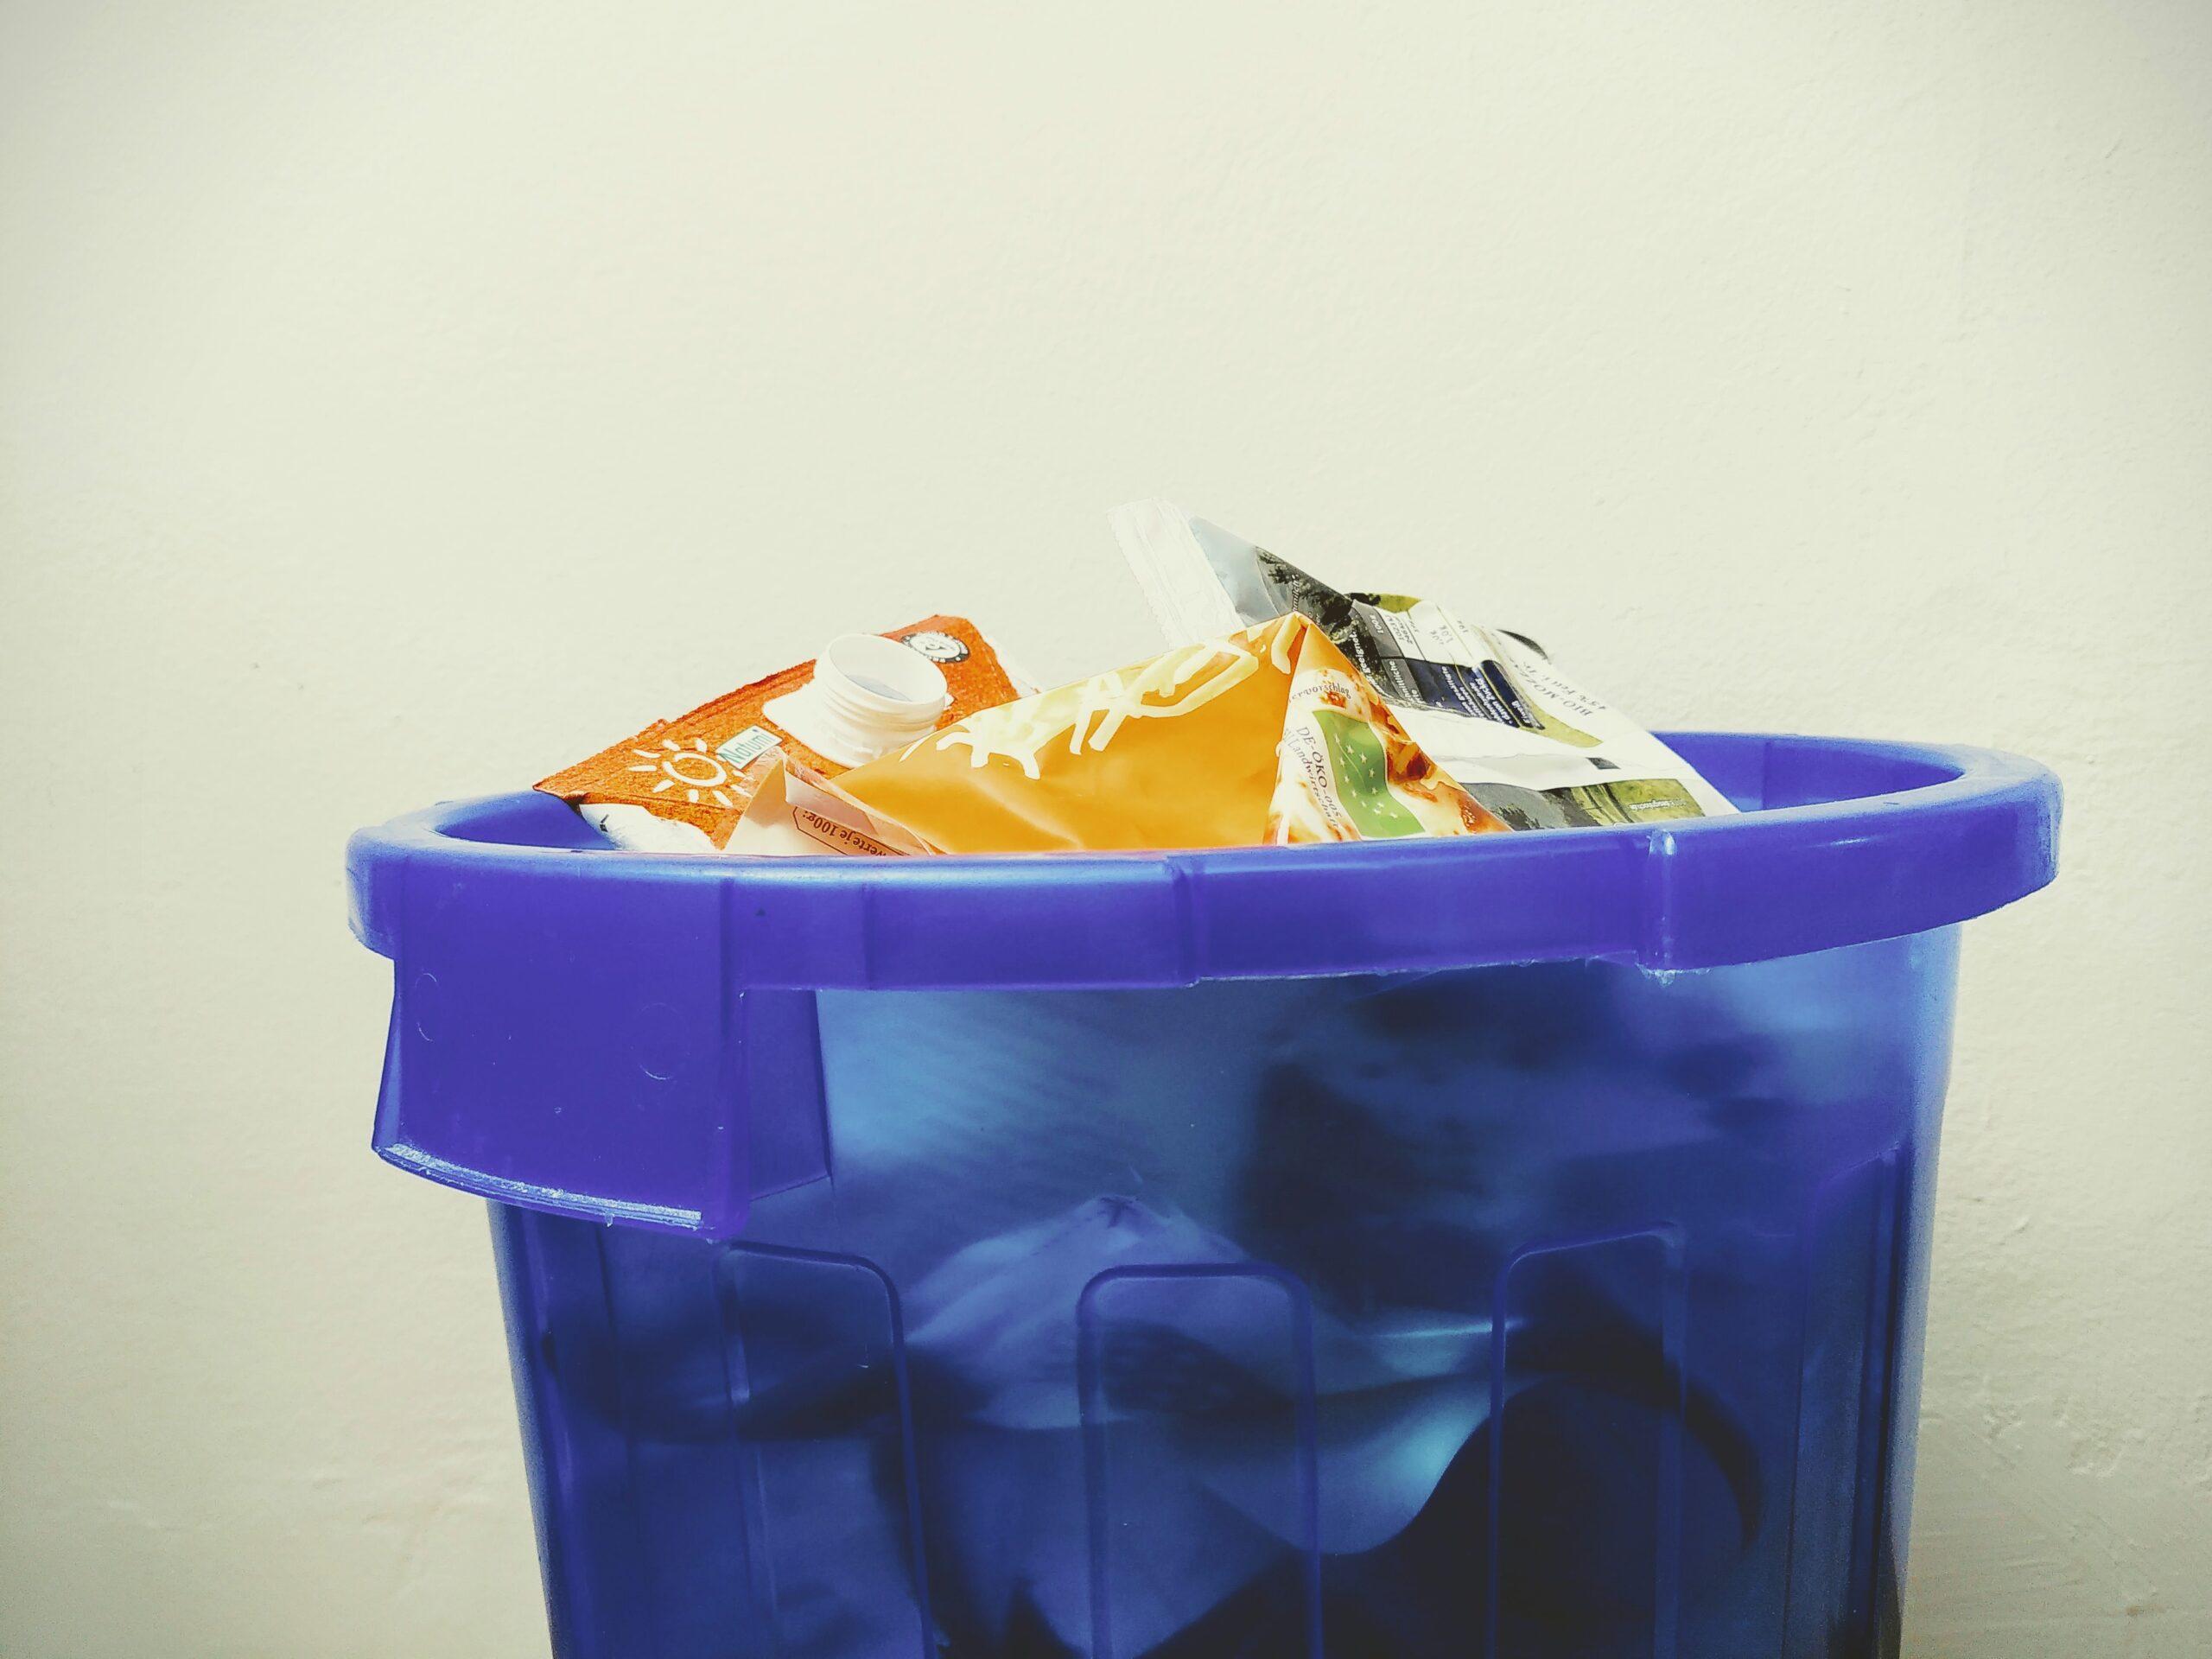 Mülleimer voller Plastikmüll